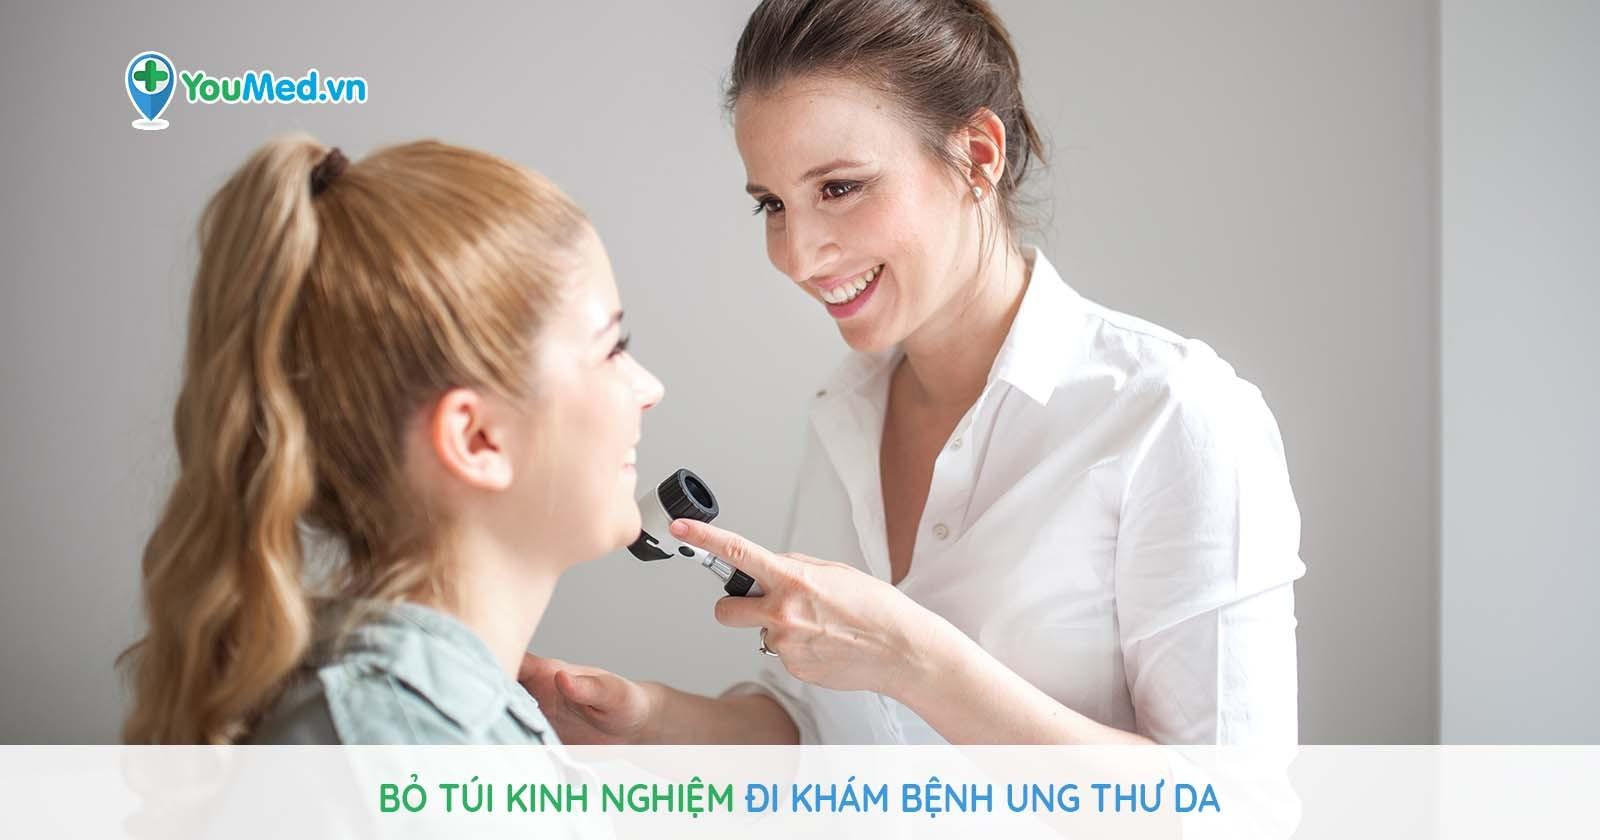 Bỏ túi kinh nghiệm đi khám bệnh Ung thư da